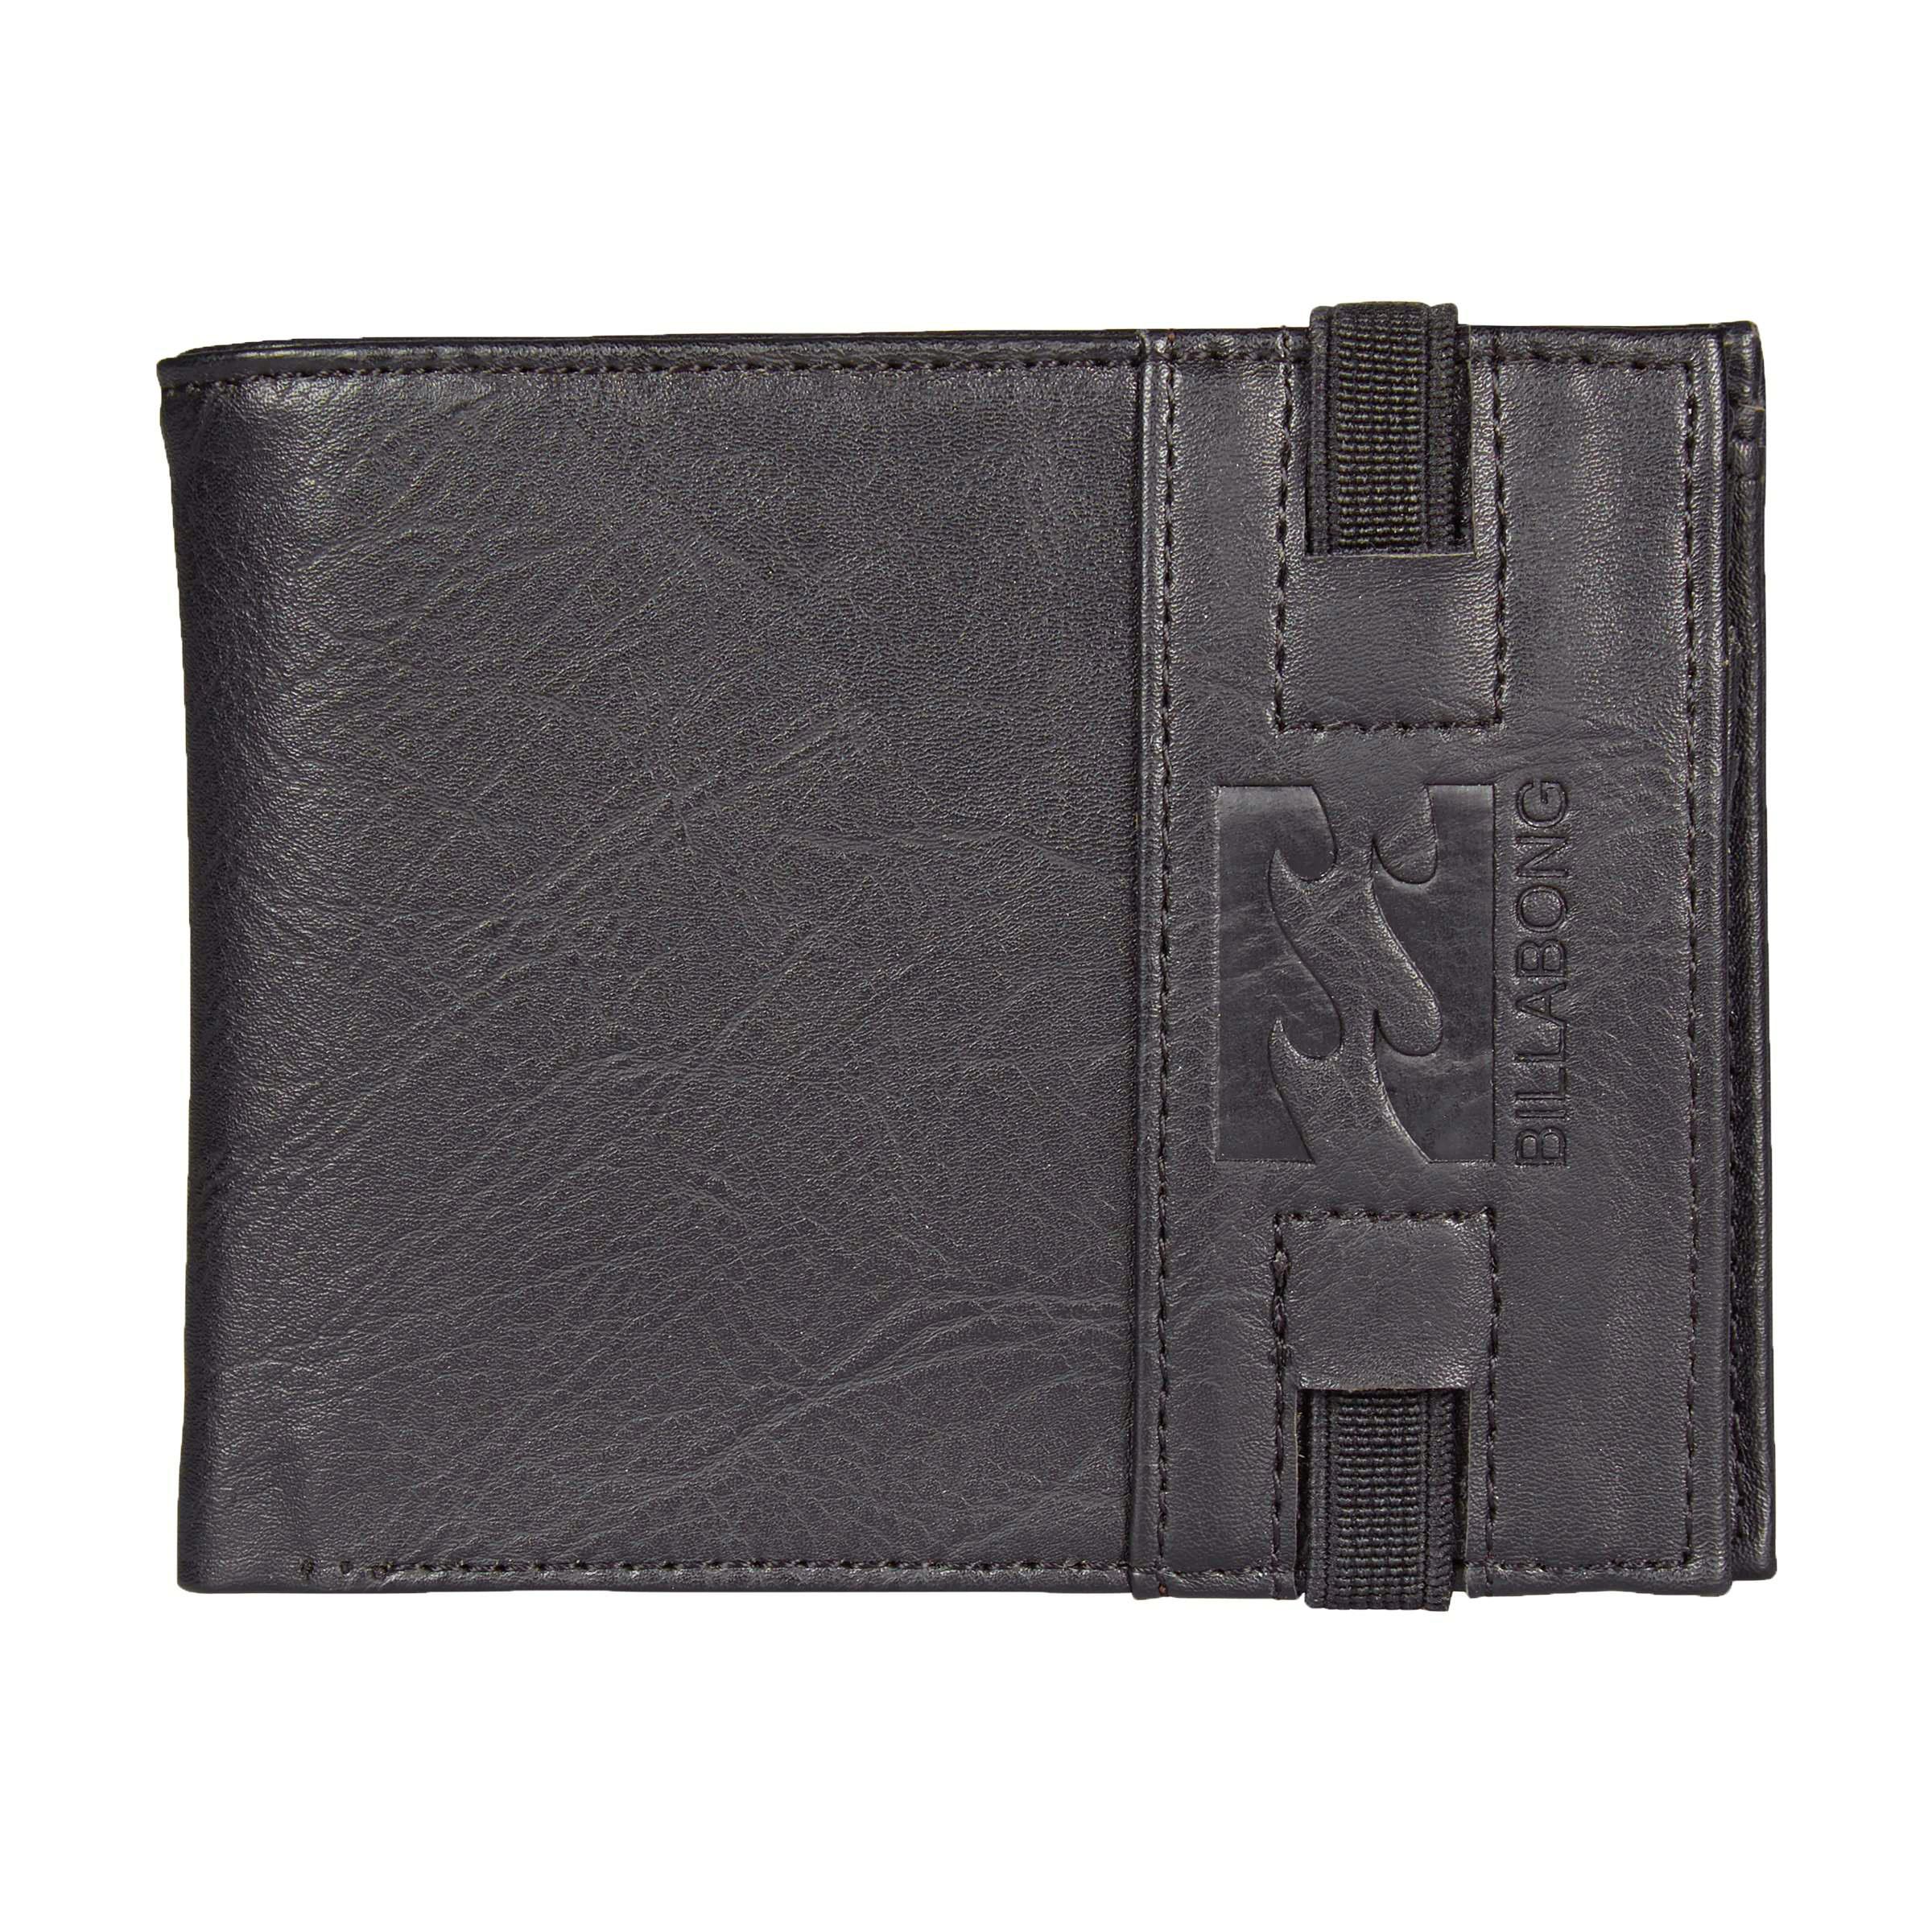 """Кошелек Billabong """"Locked Wallet"""", цвет: черный. 3607869369636"""